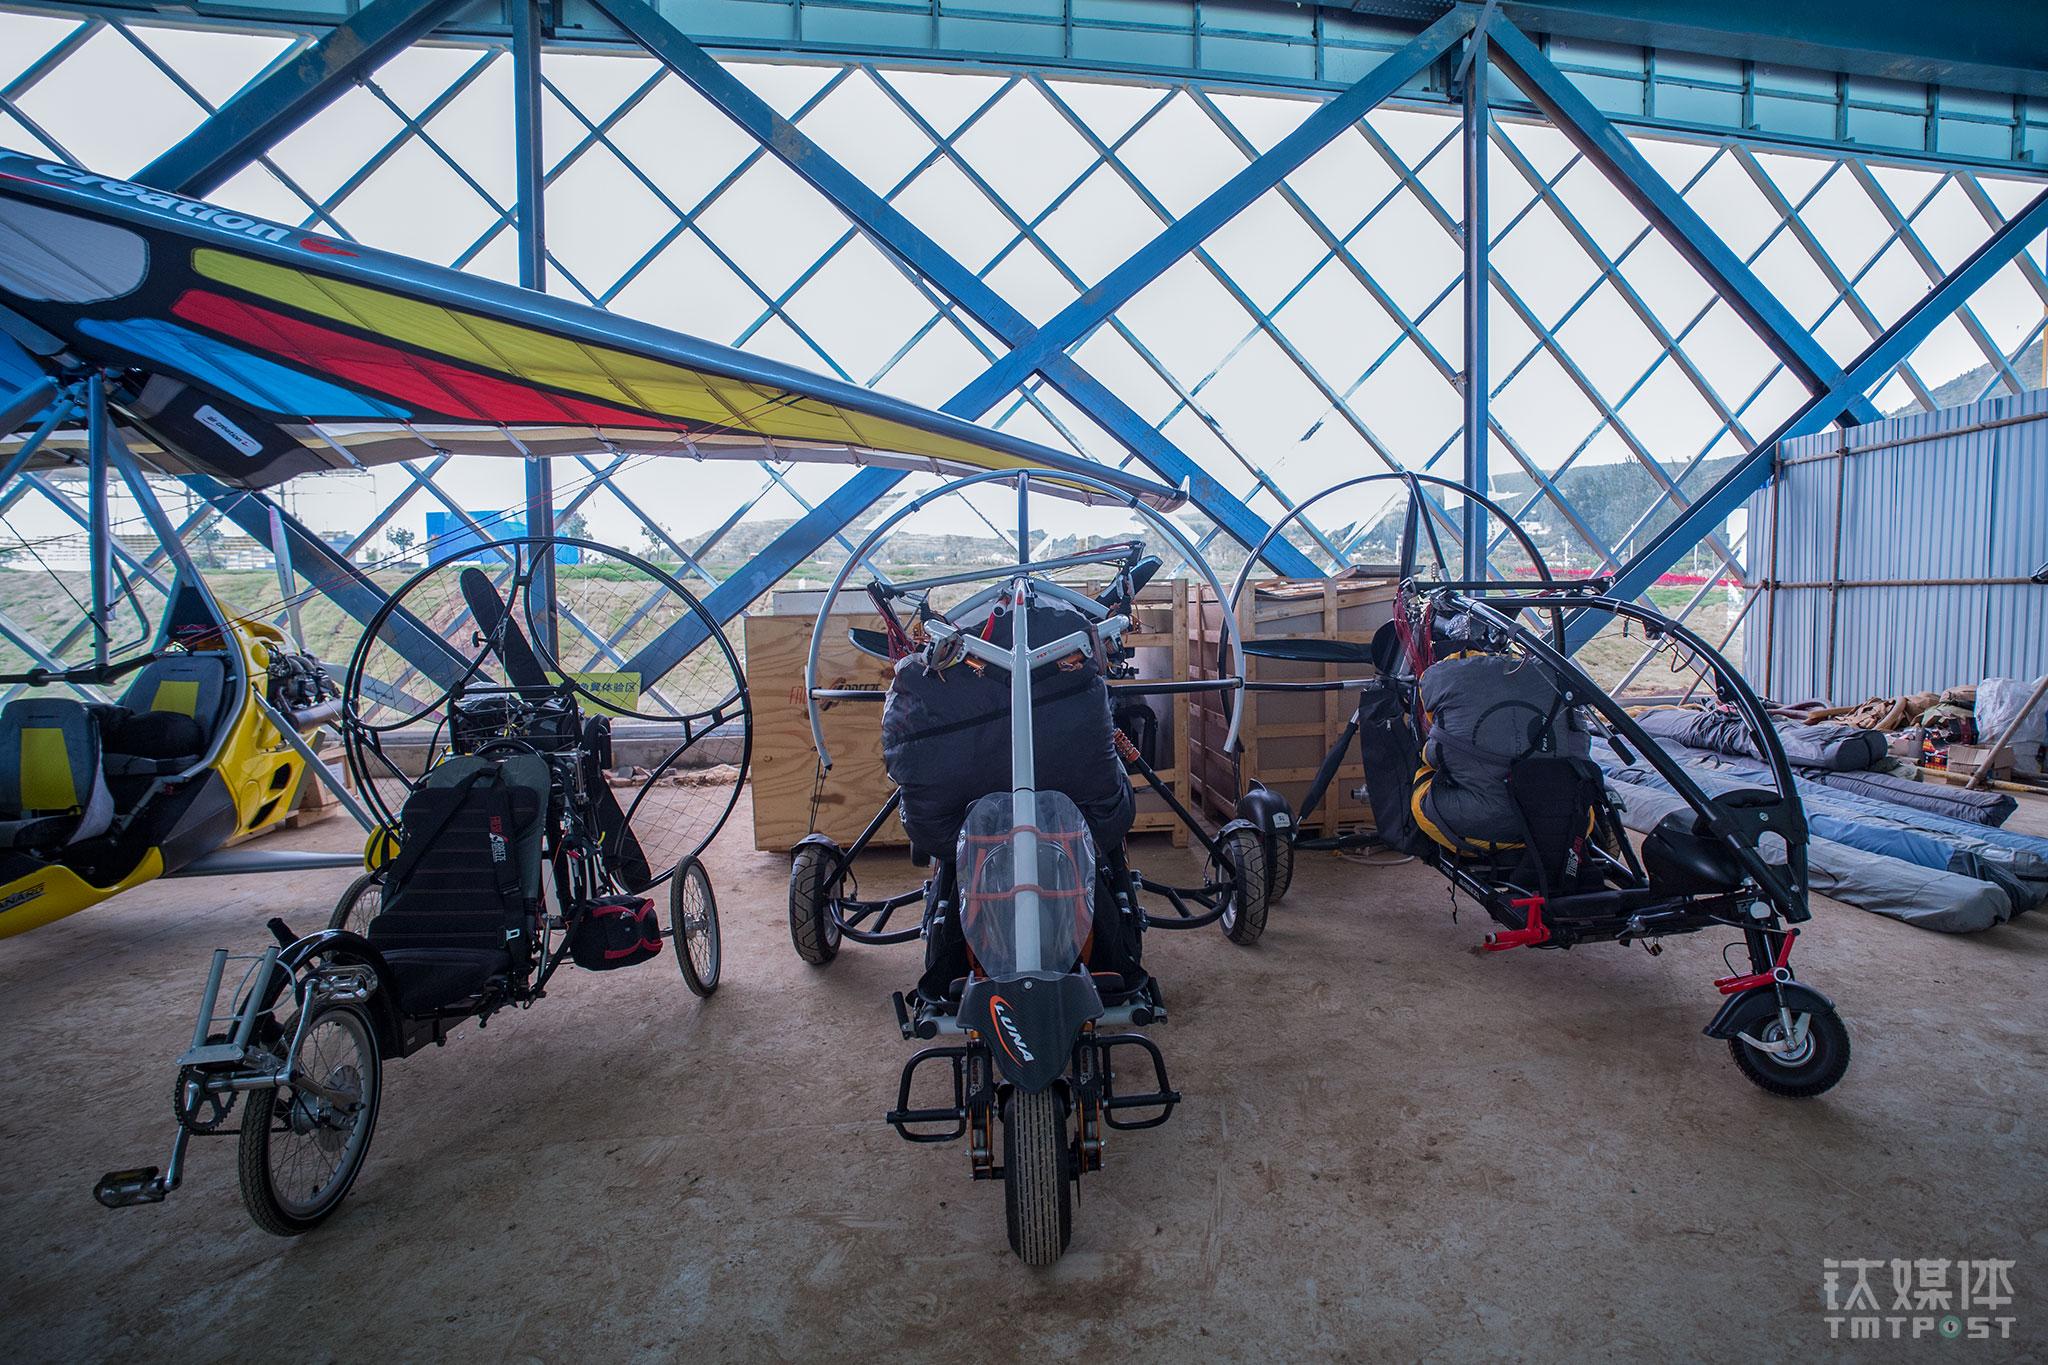 临时机库中的动力伞。动力伞占用空间较小,起飞助跑距离短,巡航速度可达60公里每小时,适合野外作业。